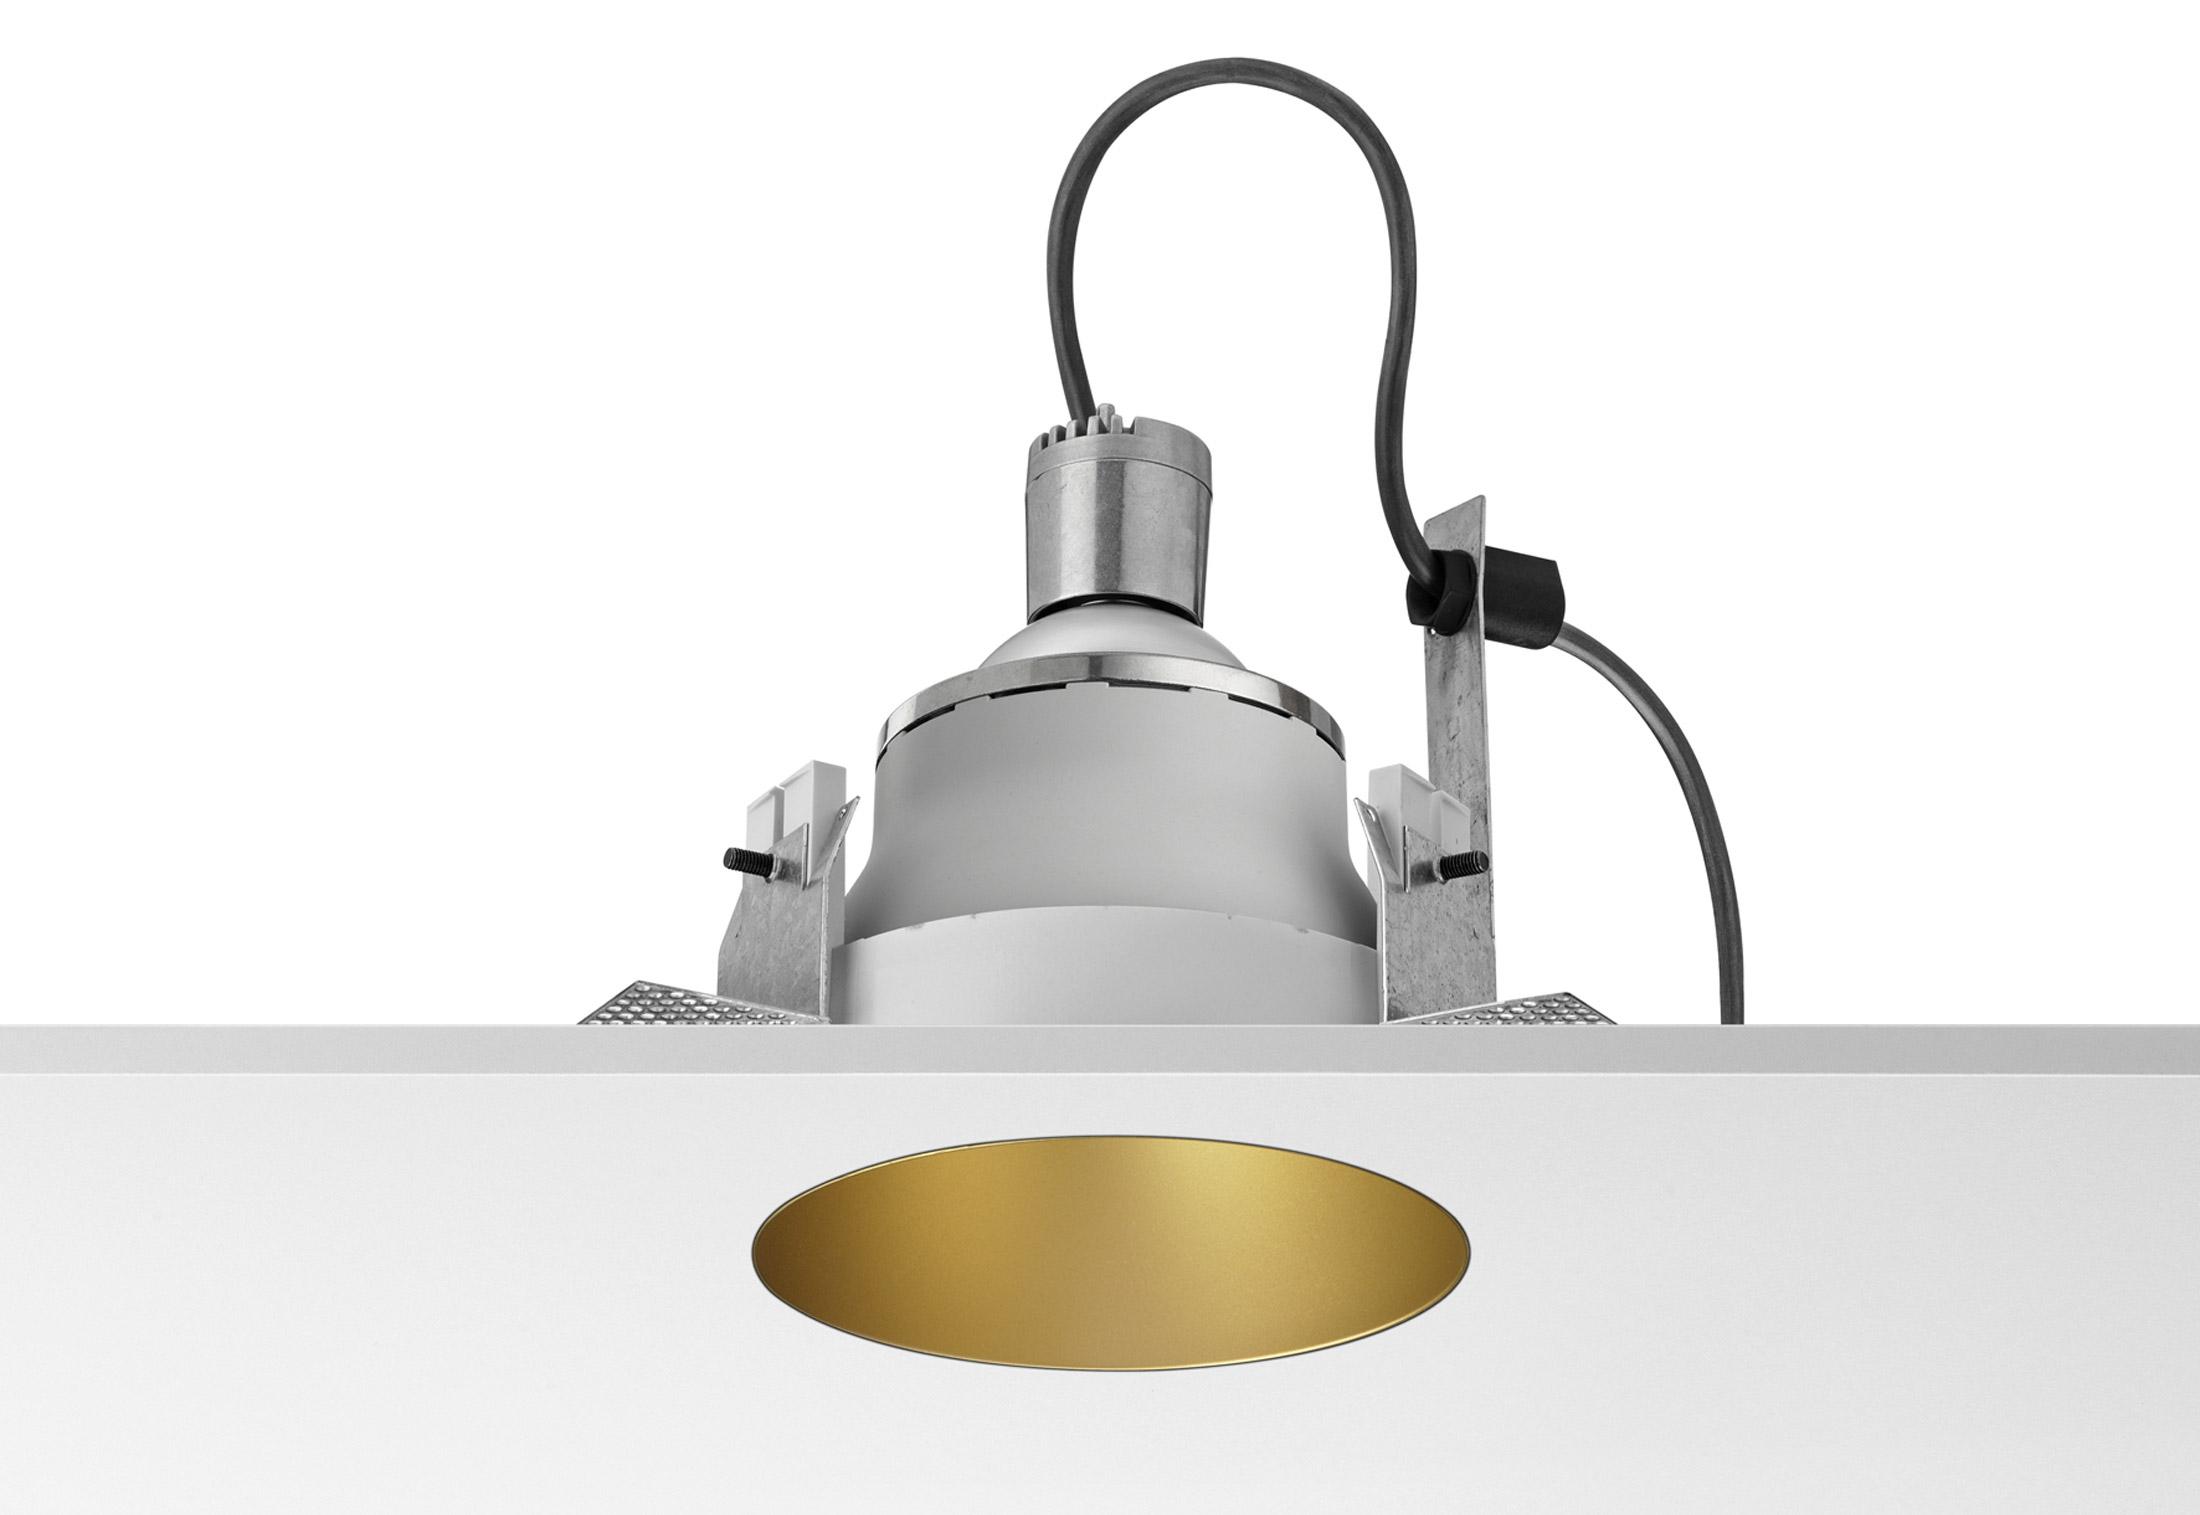 Plafoniere Da Soffitto Flos : Faretto flos incasso a led in alluminio soffitto da